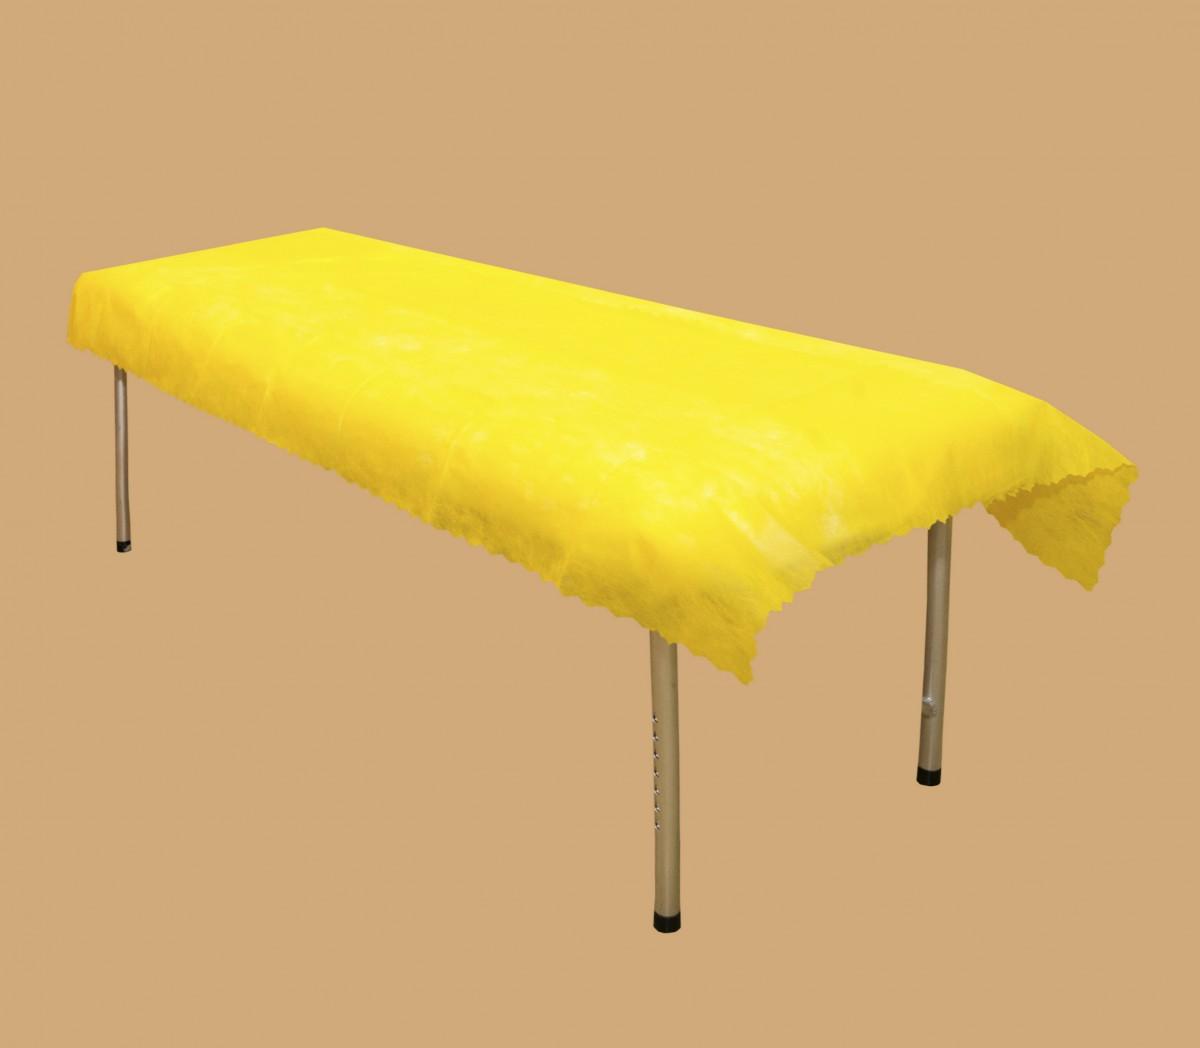 Простыня жёлтая  сложенная поштучно (10 шт)